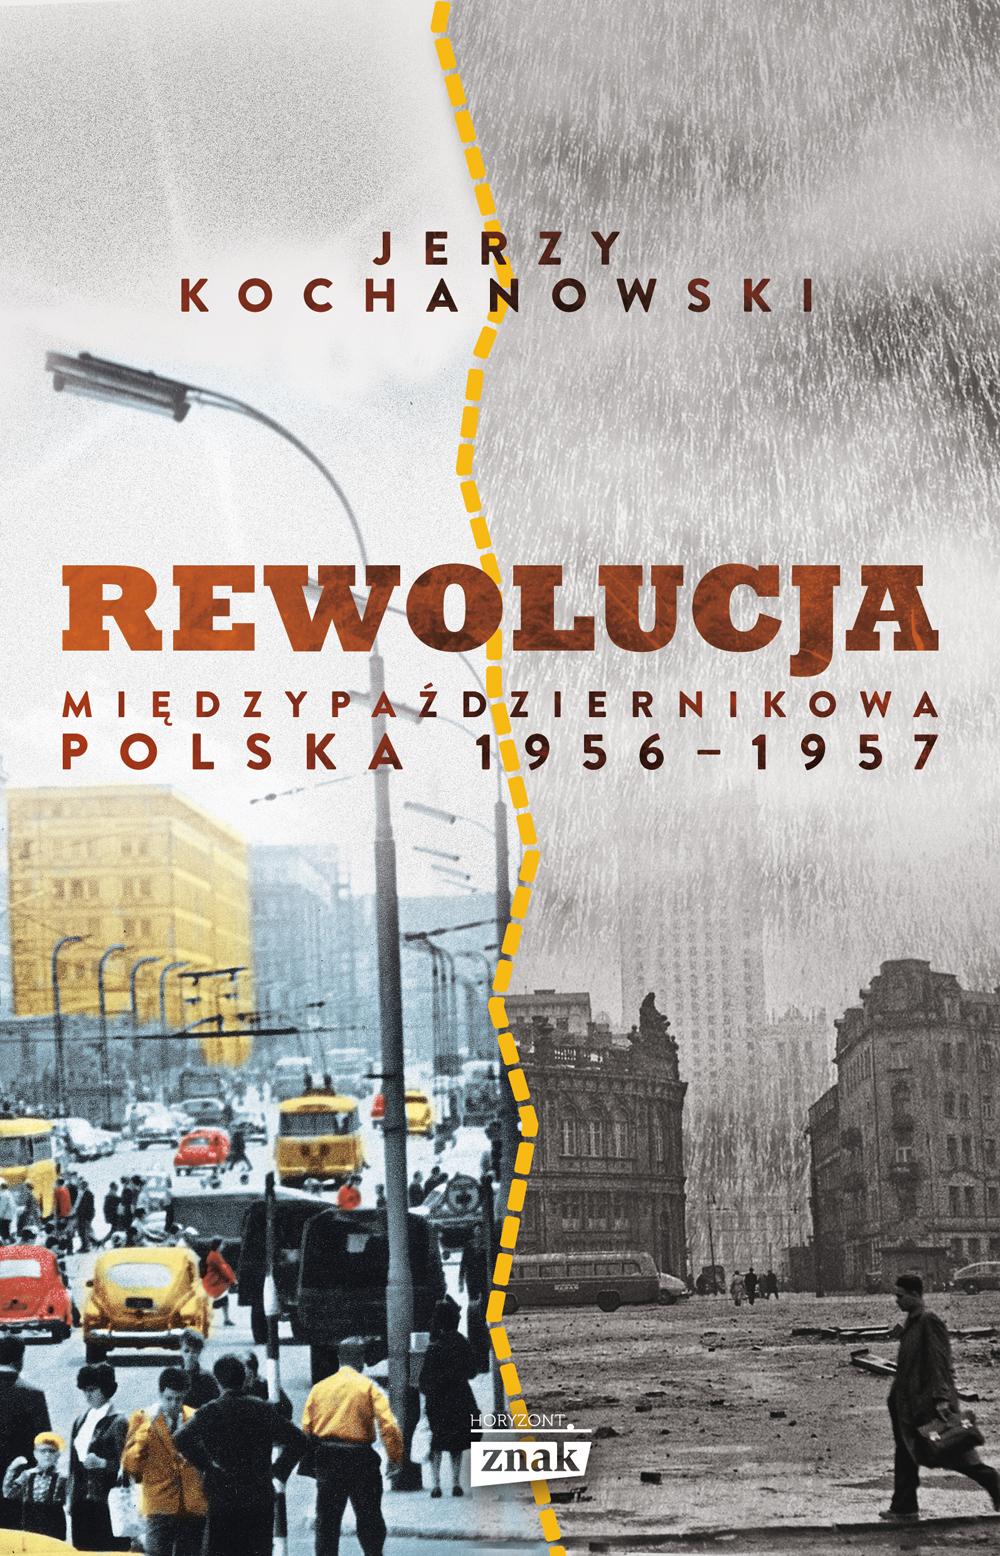 """Artykuł stanowi fragment książki Jerzego Kochanowskiego """"Rewolucja międzypaździernikowa. Polska 1956-1957"""", wydanej w 2017 roku nakładem wydawnictwa Znak Horyzont."""